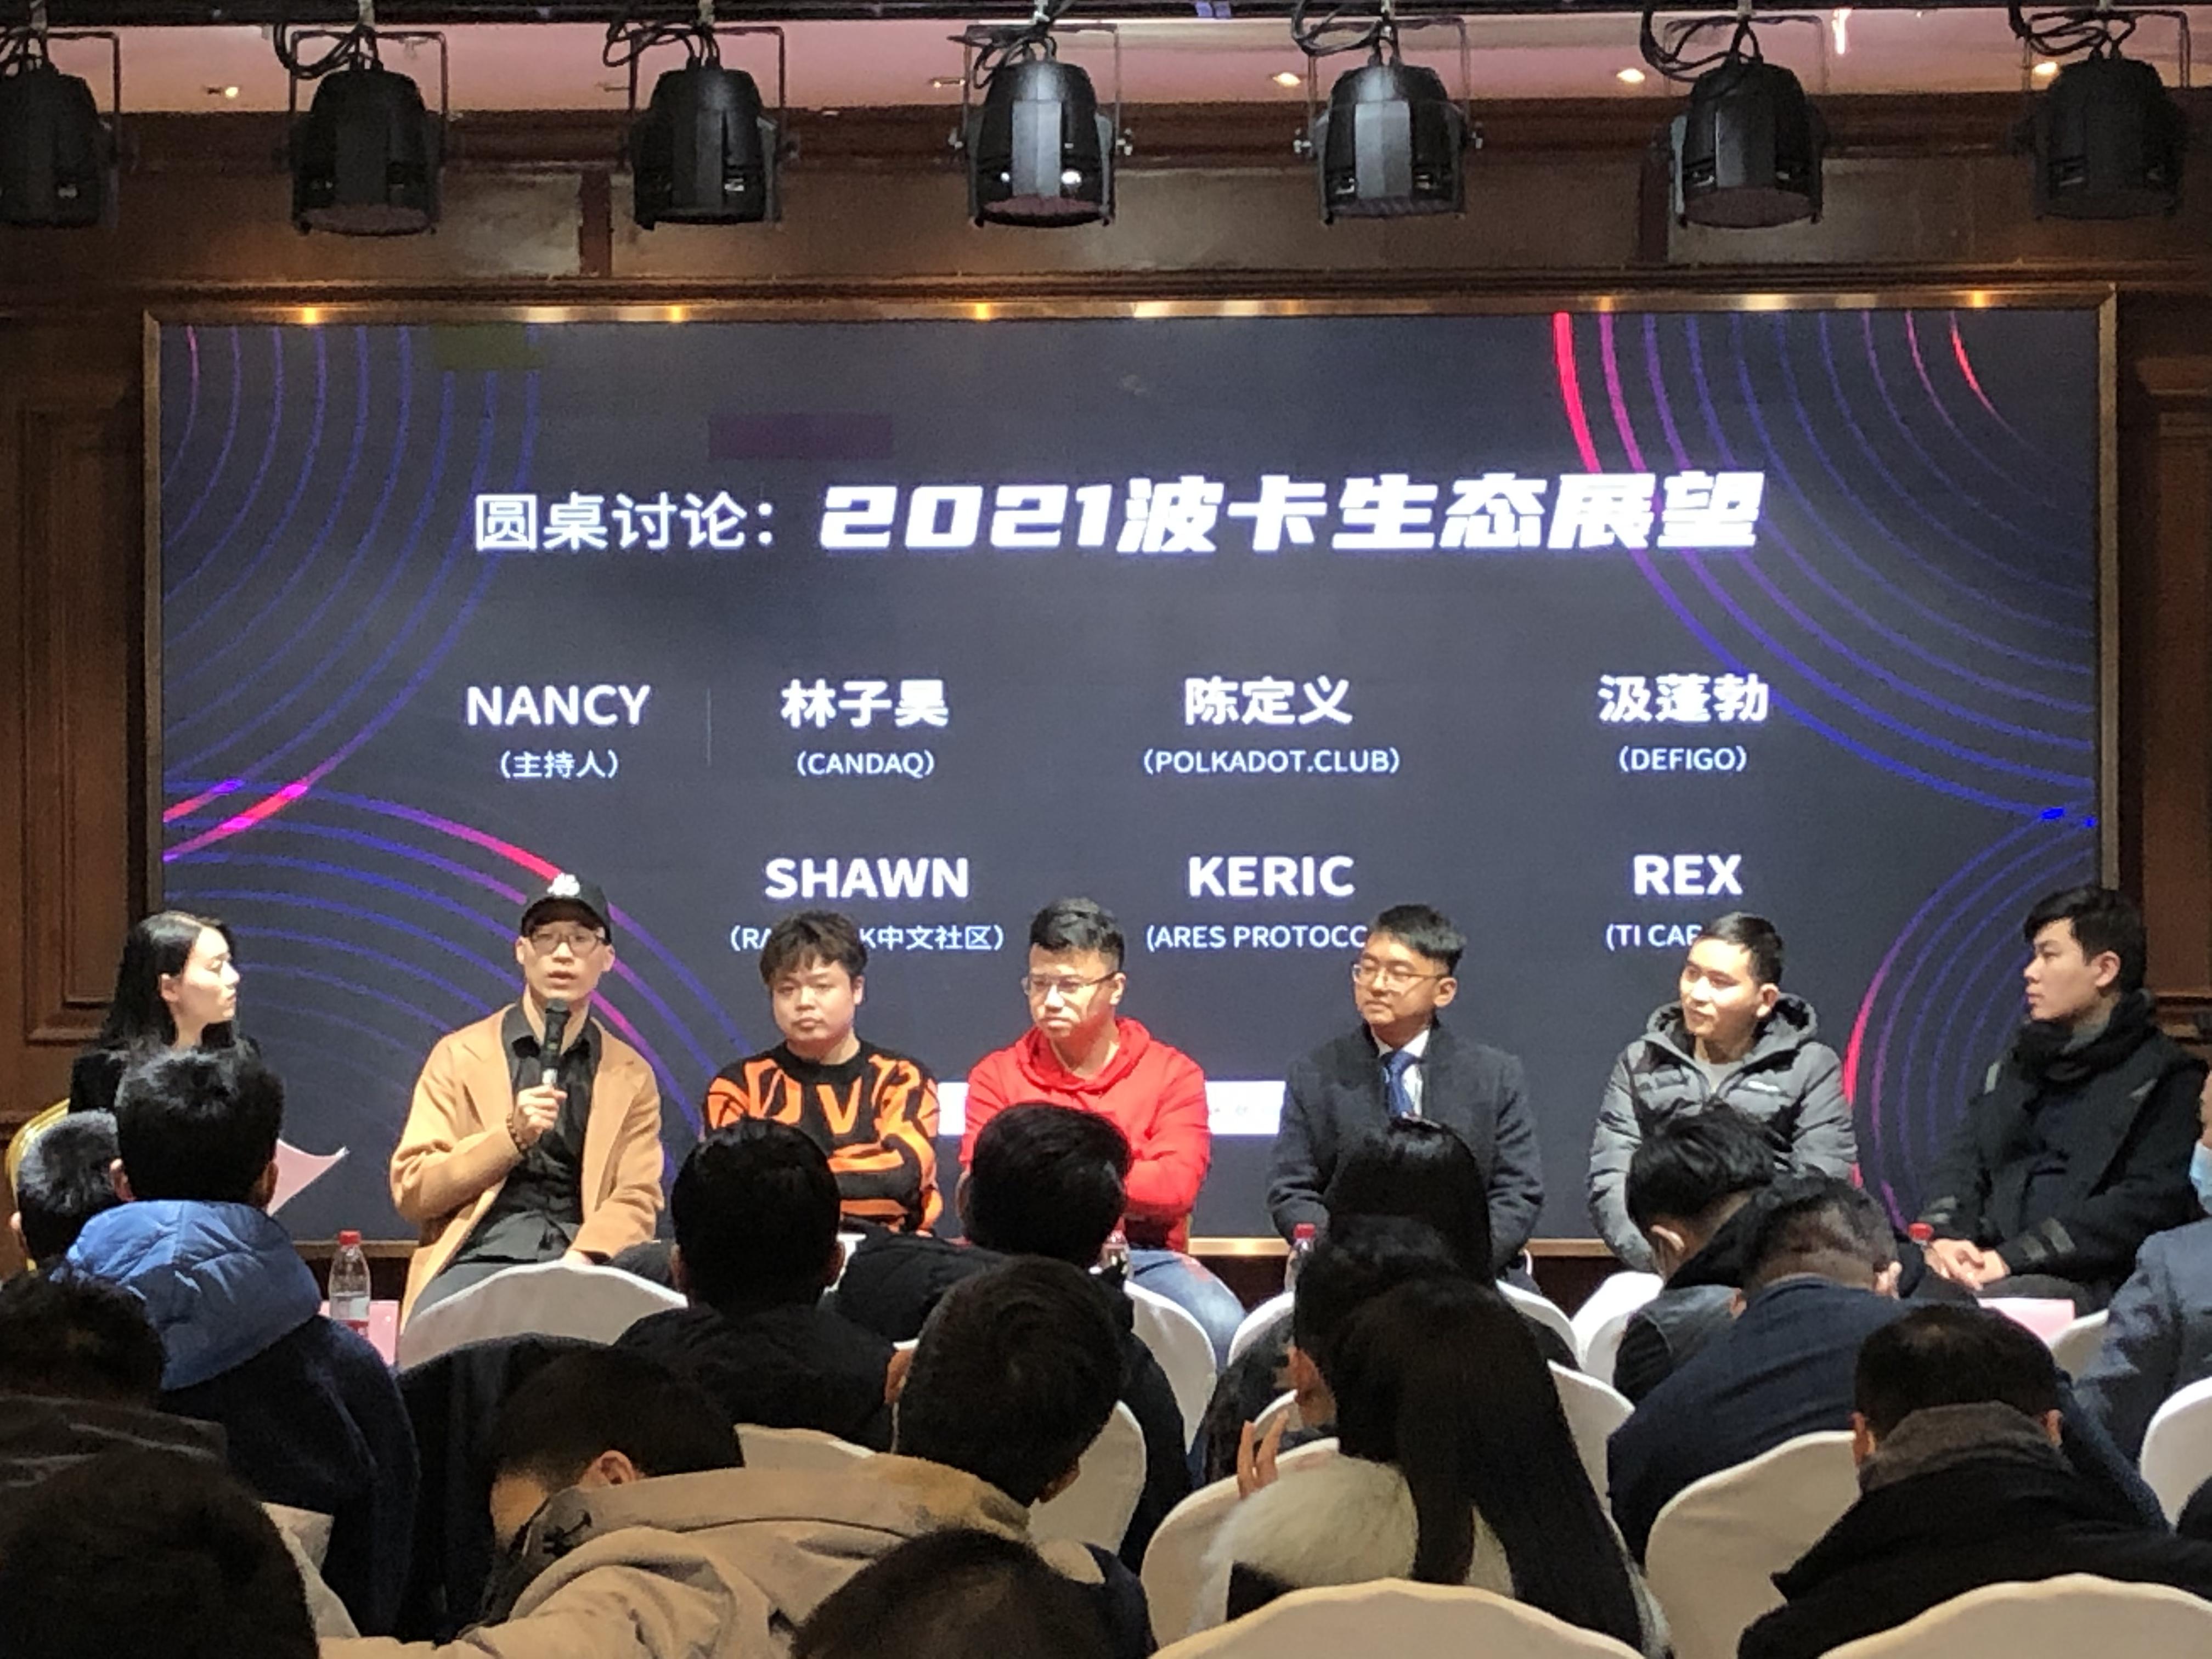 """波卡盛会丨""""2021.与您同行""""波卡新势力(上海站)圆满举办插图8"""